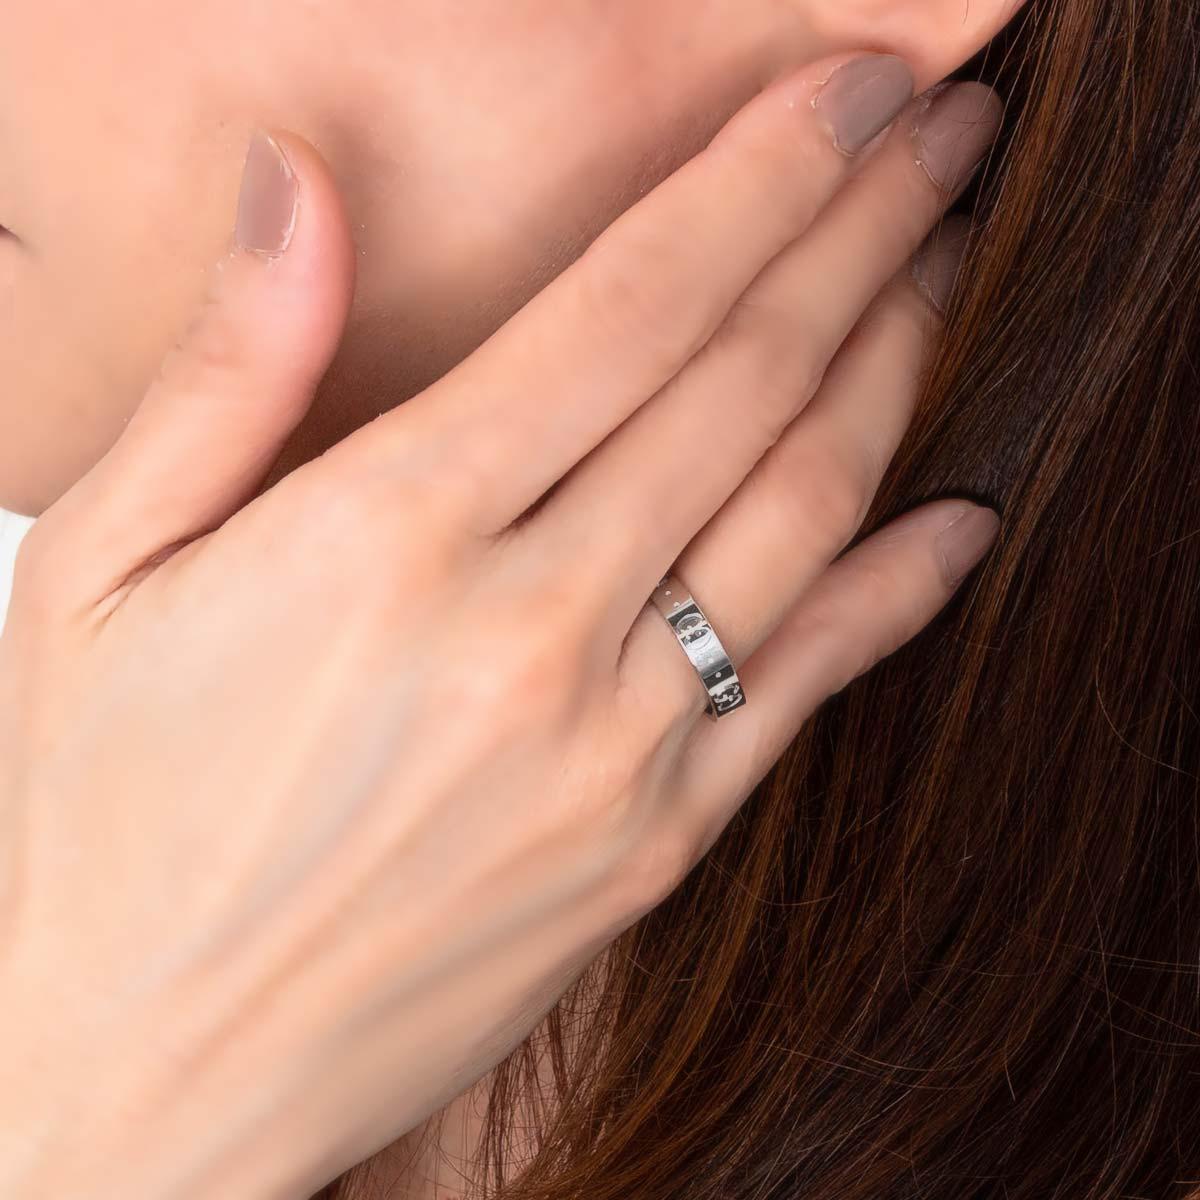 グッチ リング【指輪】 アクセサリー メンズ レディース GGアイコン シルバー ホワイトゴールド 073230 09850 9000 GUCCI